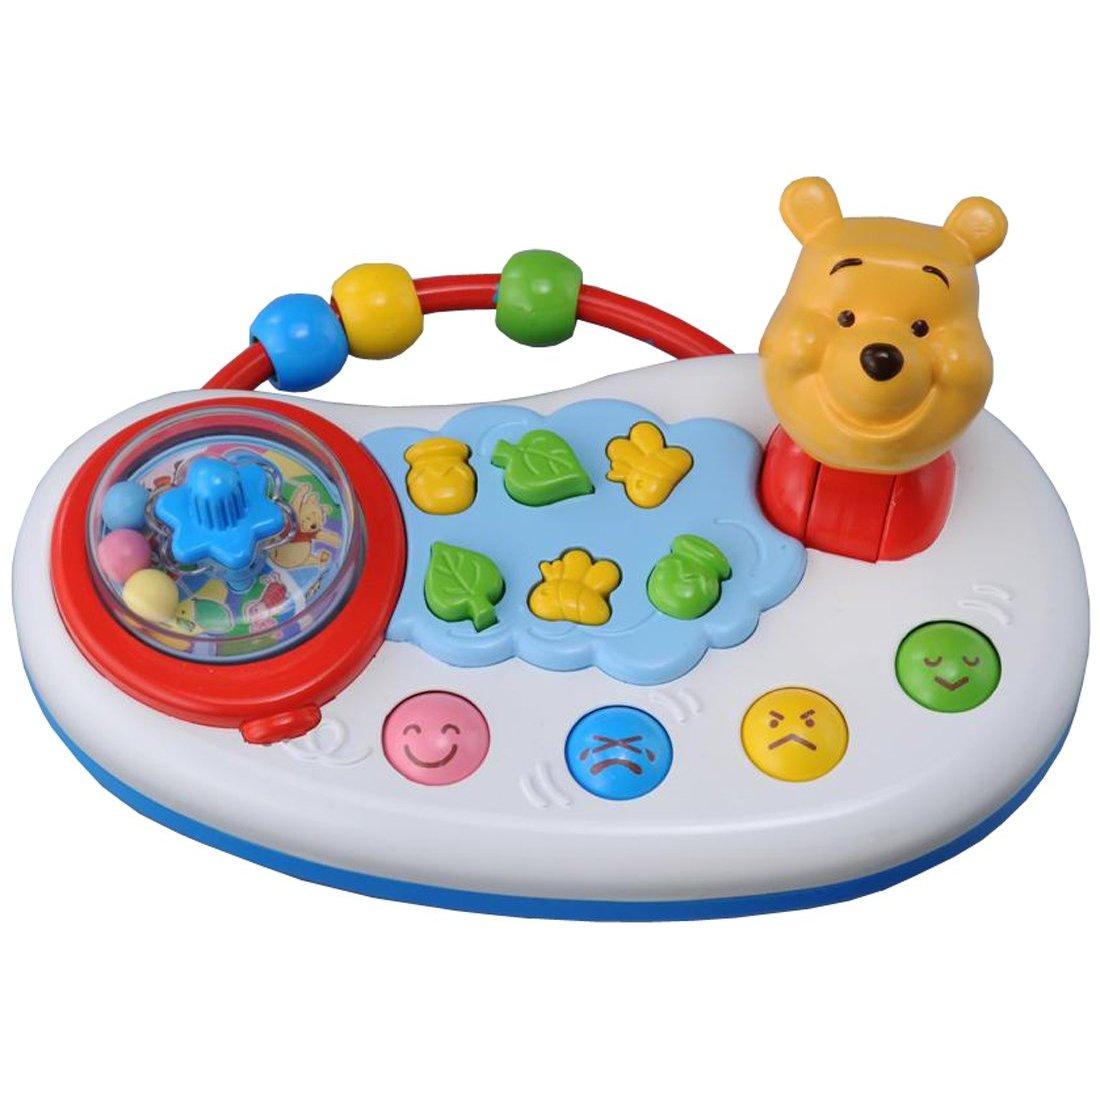 【タカラトミー】プーさん どこでもゆびさき遊びミニ/ベビープリスクールシリーズ/知育玩具/7ヶ月〜のおもちゃ/あやし/出産祝/お誕生祝  02P03Dec16